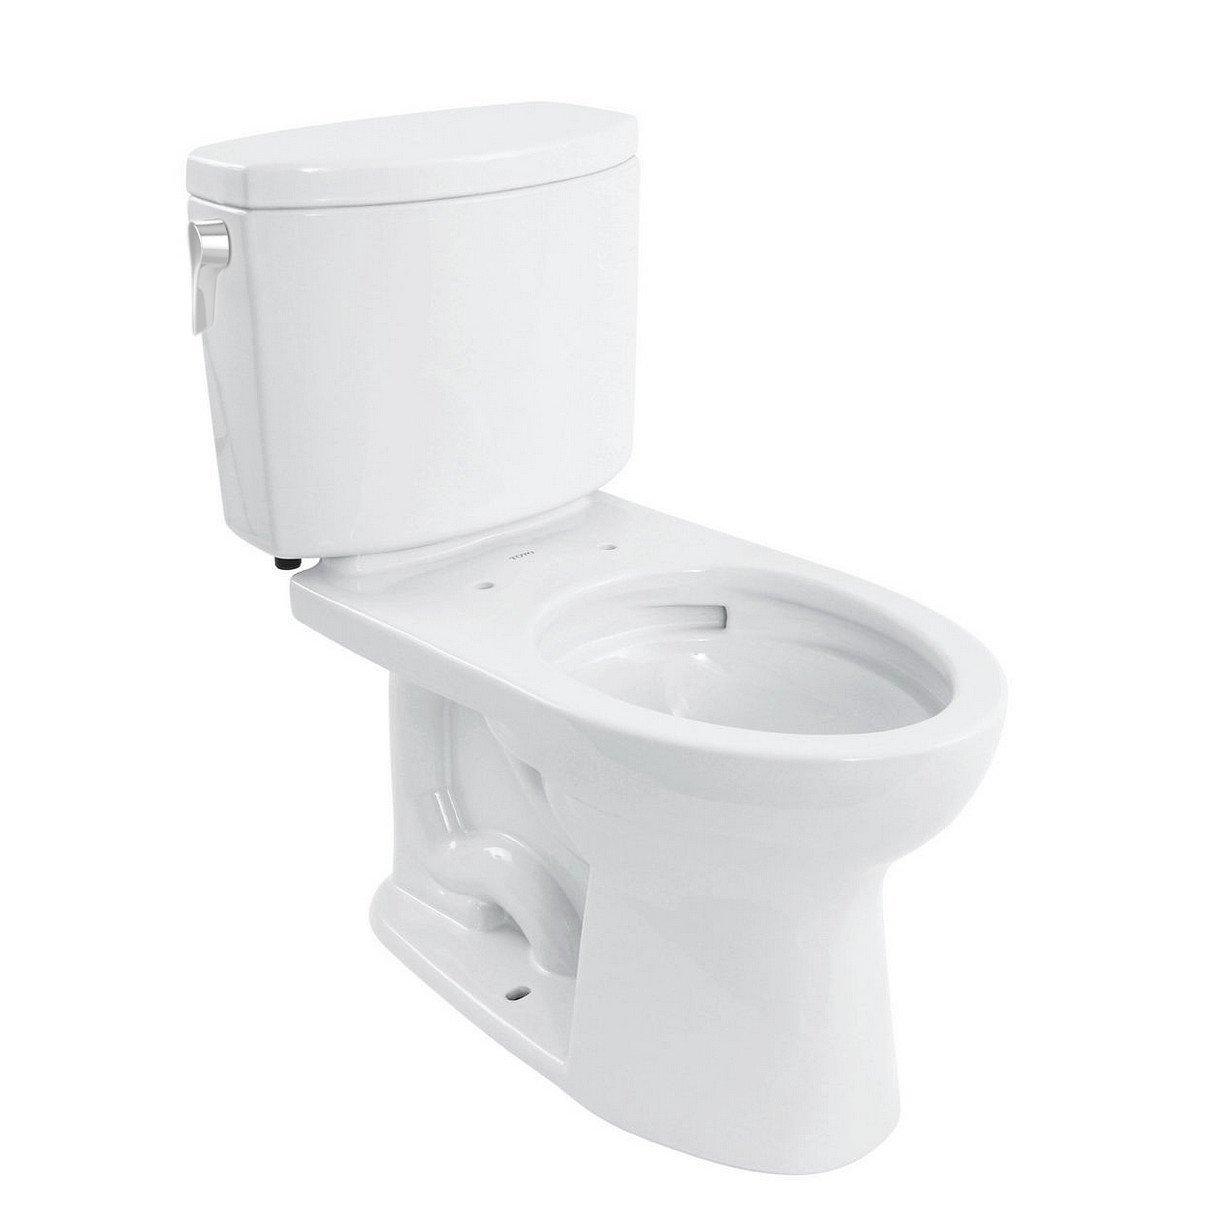 Bidet Toilets | Toto Toilet | Toilets Toto